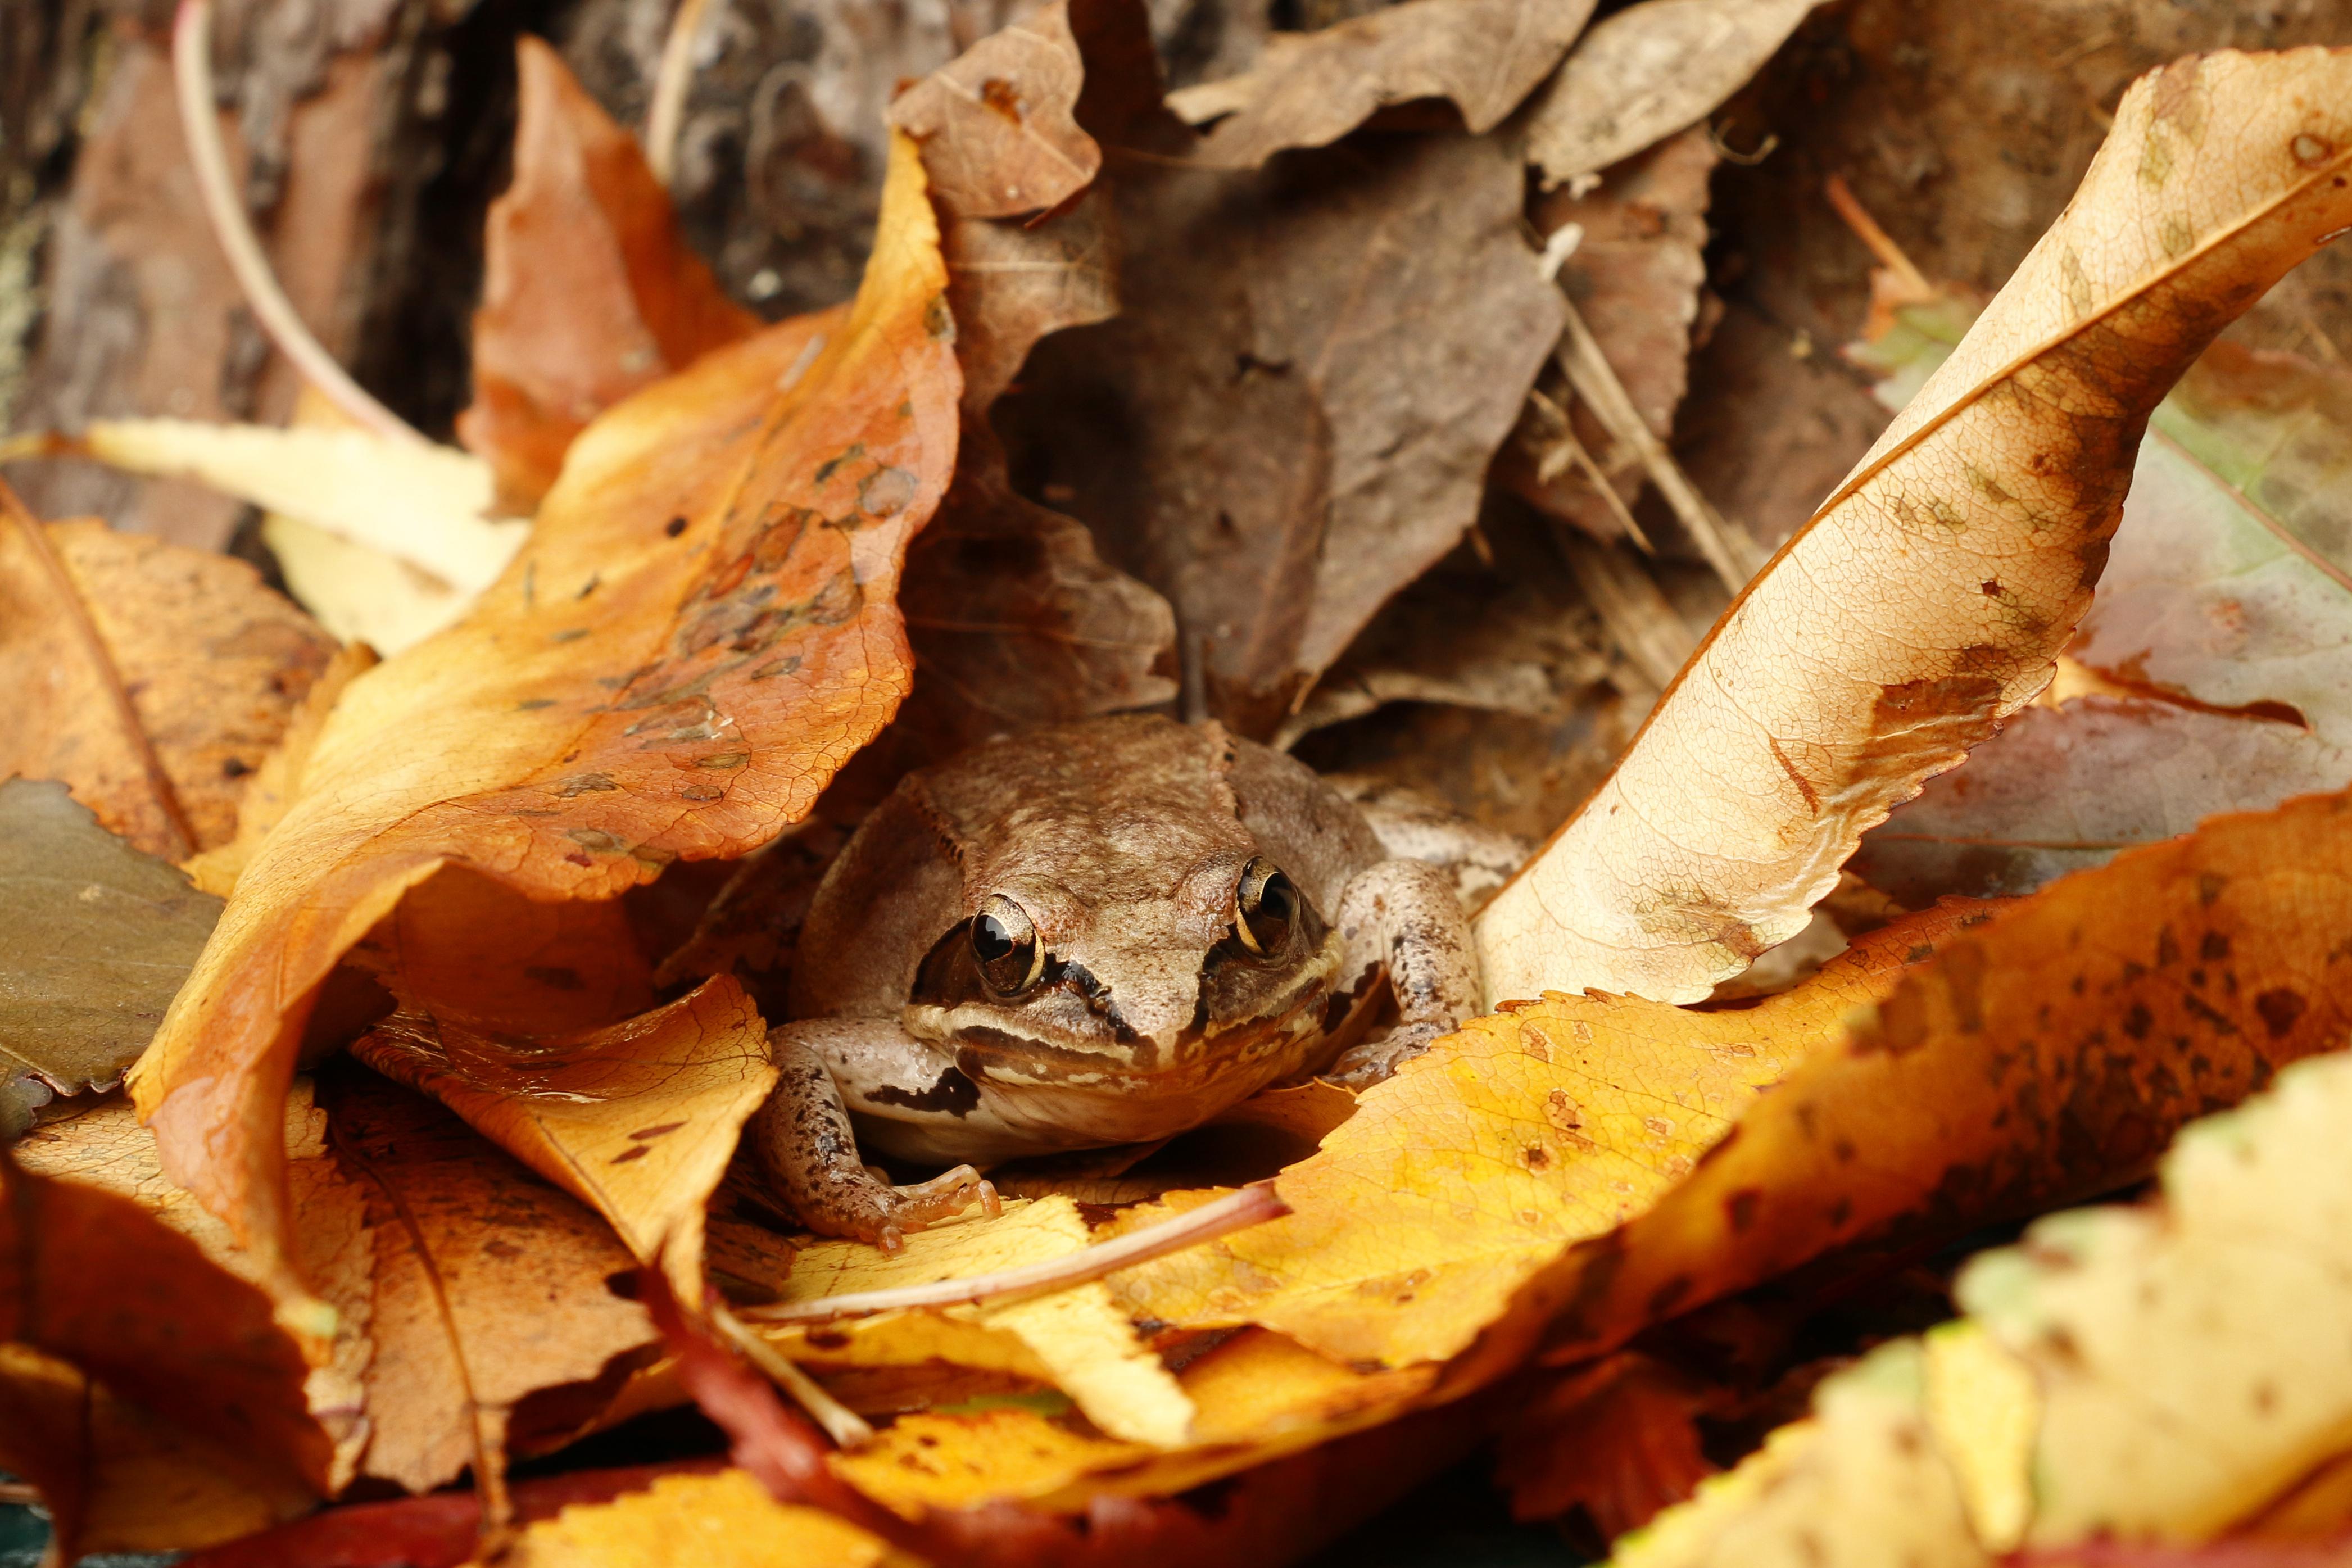 Woodfrog Camouflage